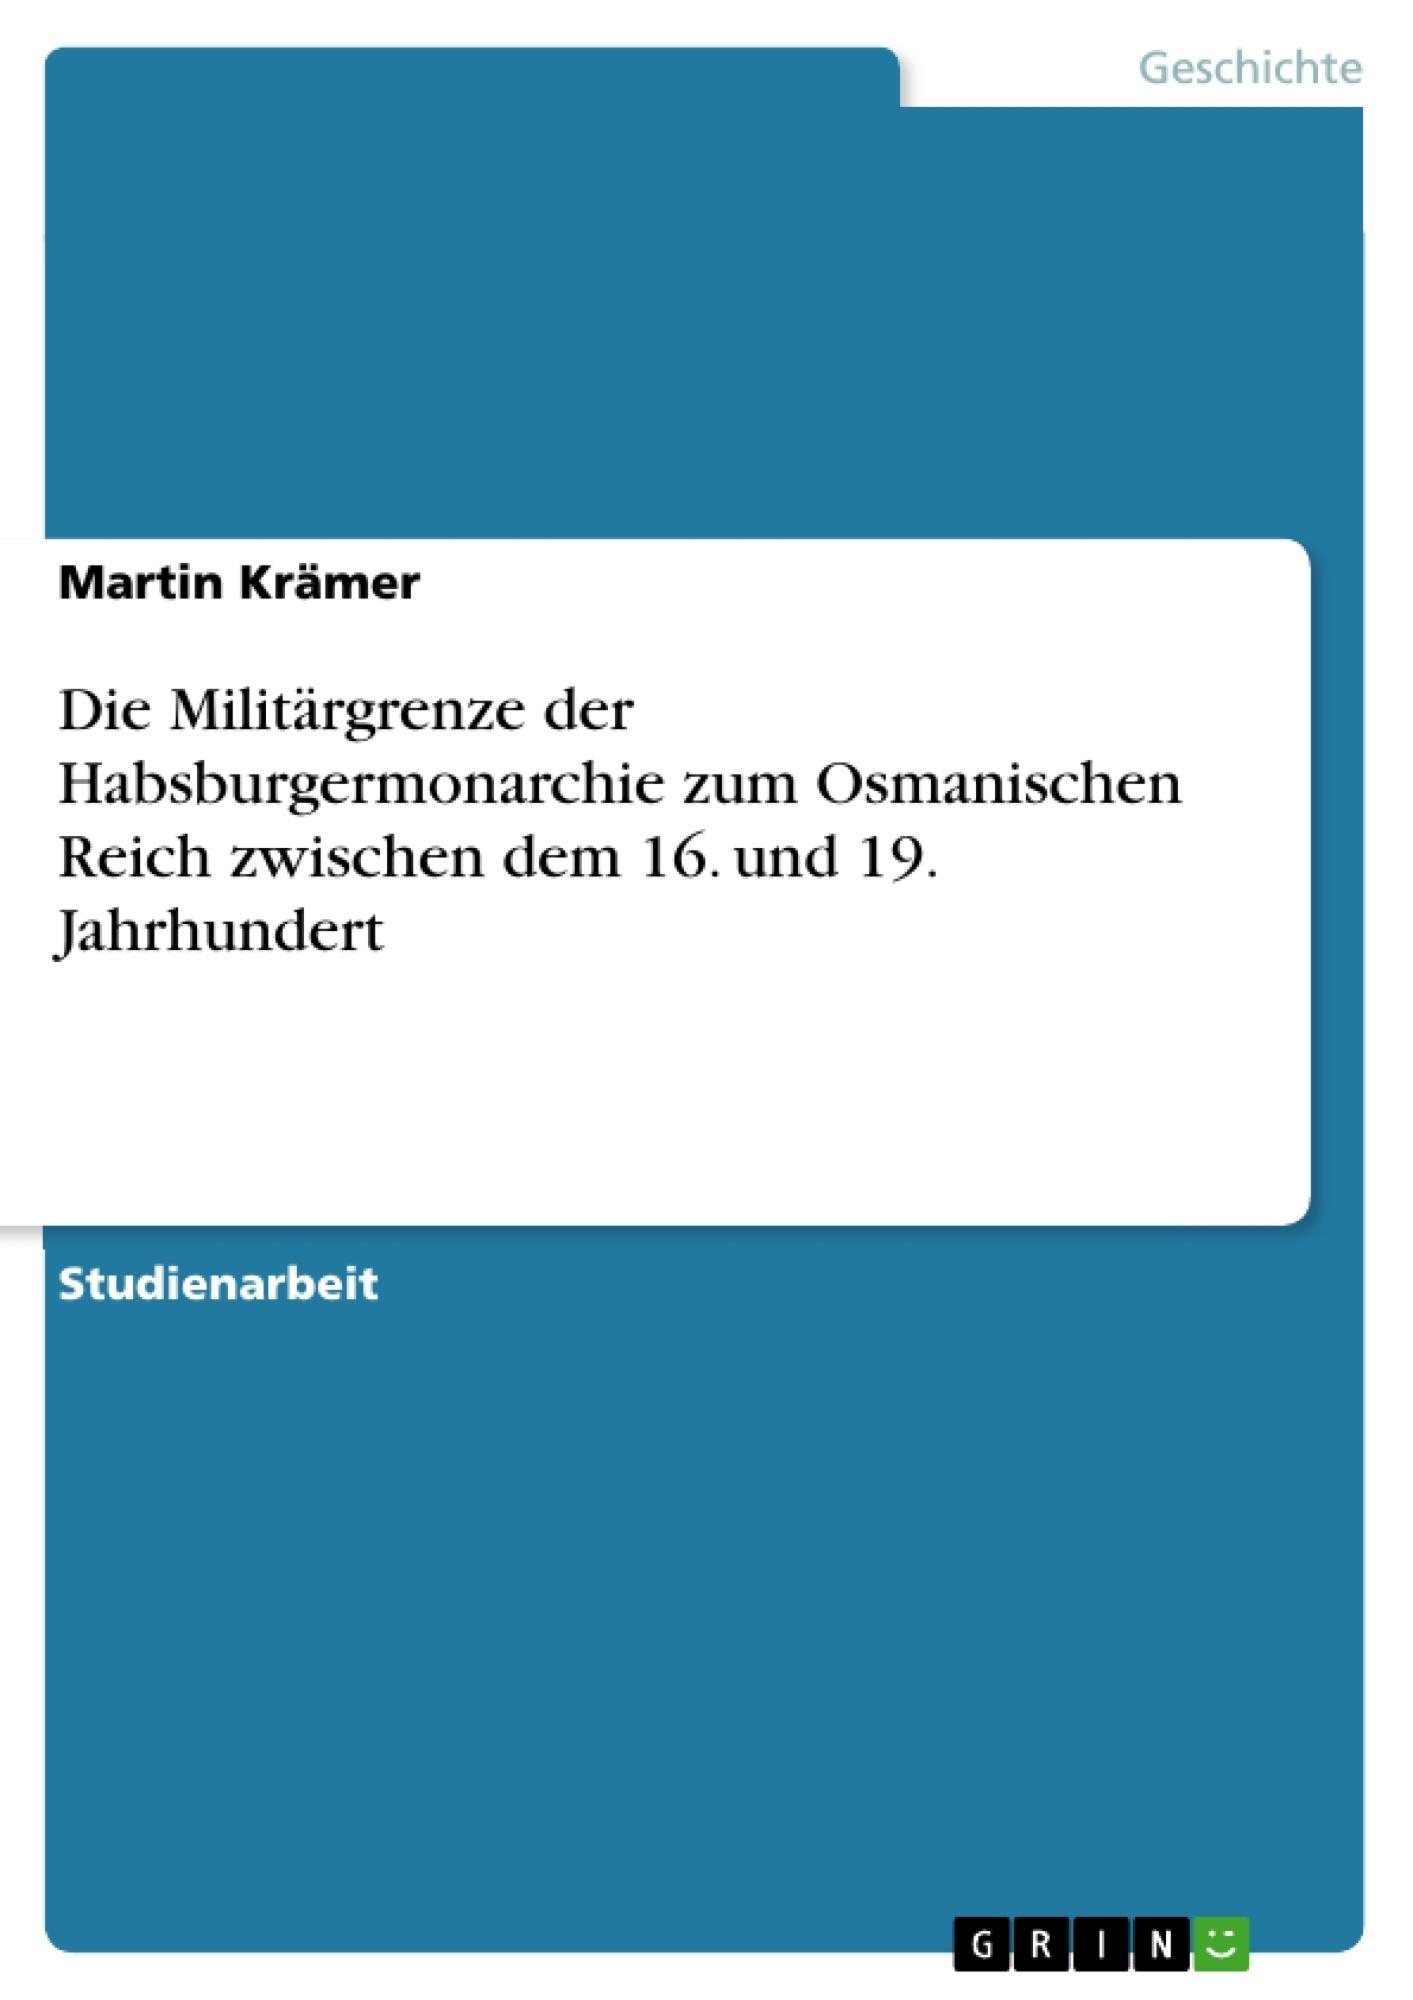 Titel: Die Militärgrenze der Habsburgermonarchie zum Osmanischen Reich zwischen dem 16. und 19. Jahrhundert